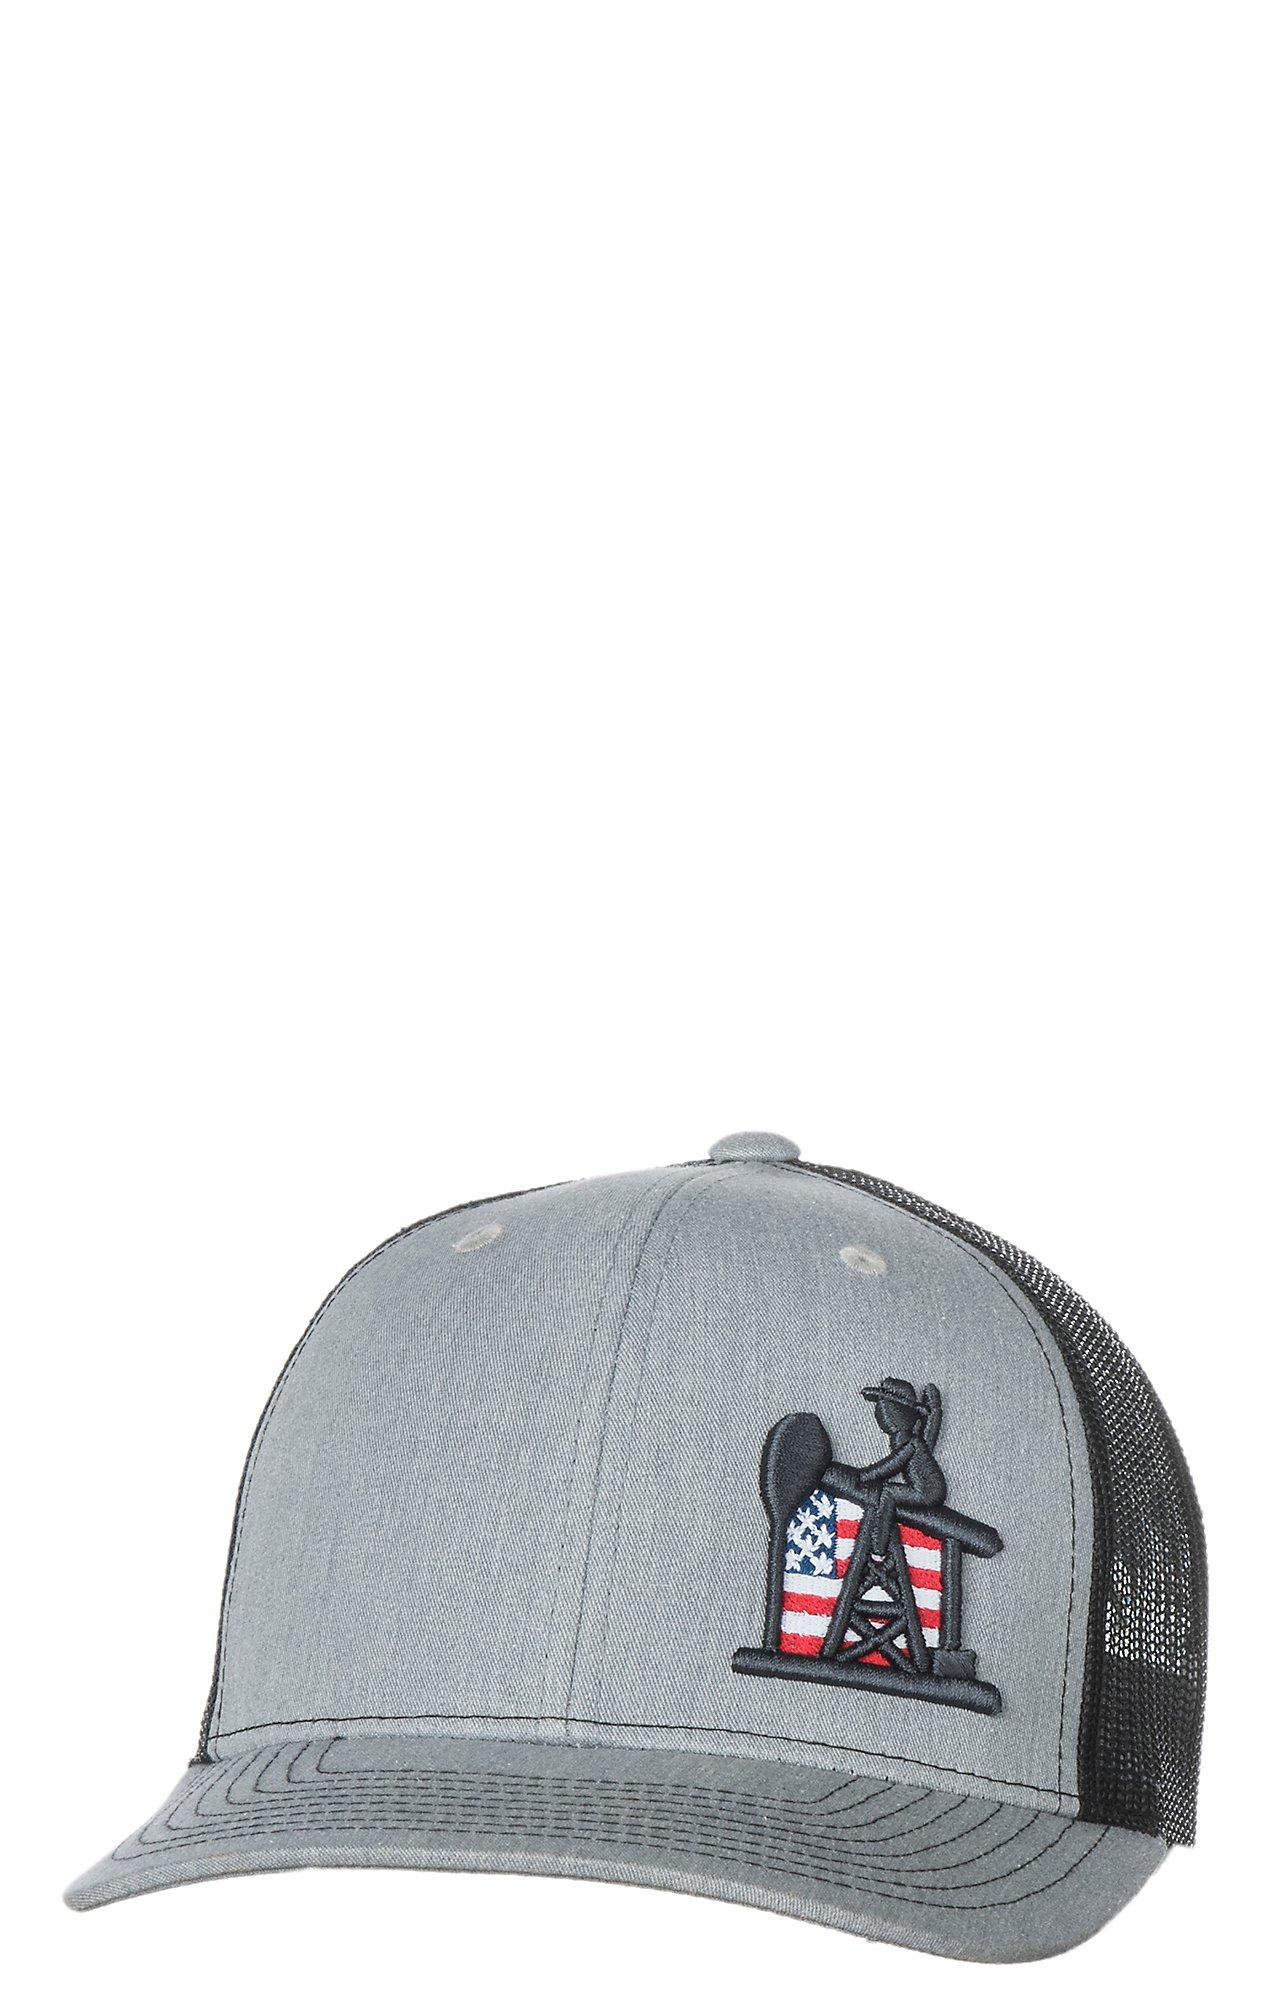 PJ Cowboy Grey   Black Pump Jack Patriot Snap Back Cap  65bd7793ec5